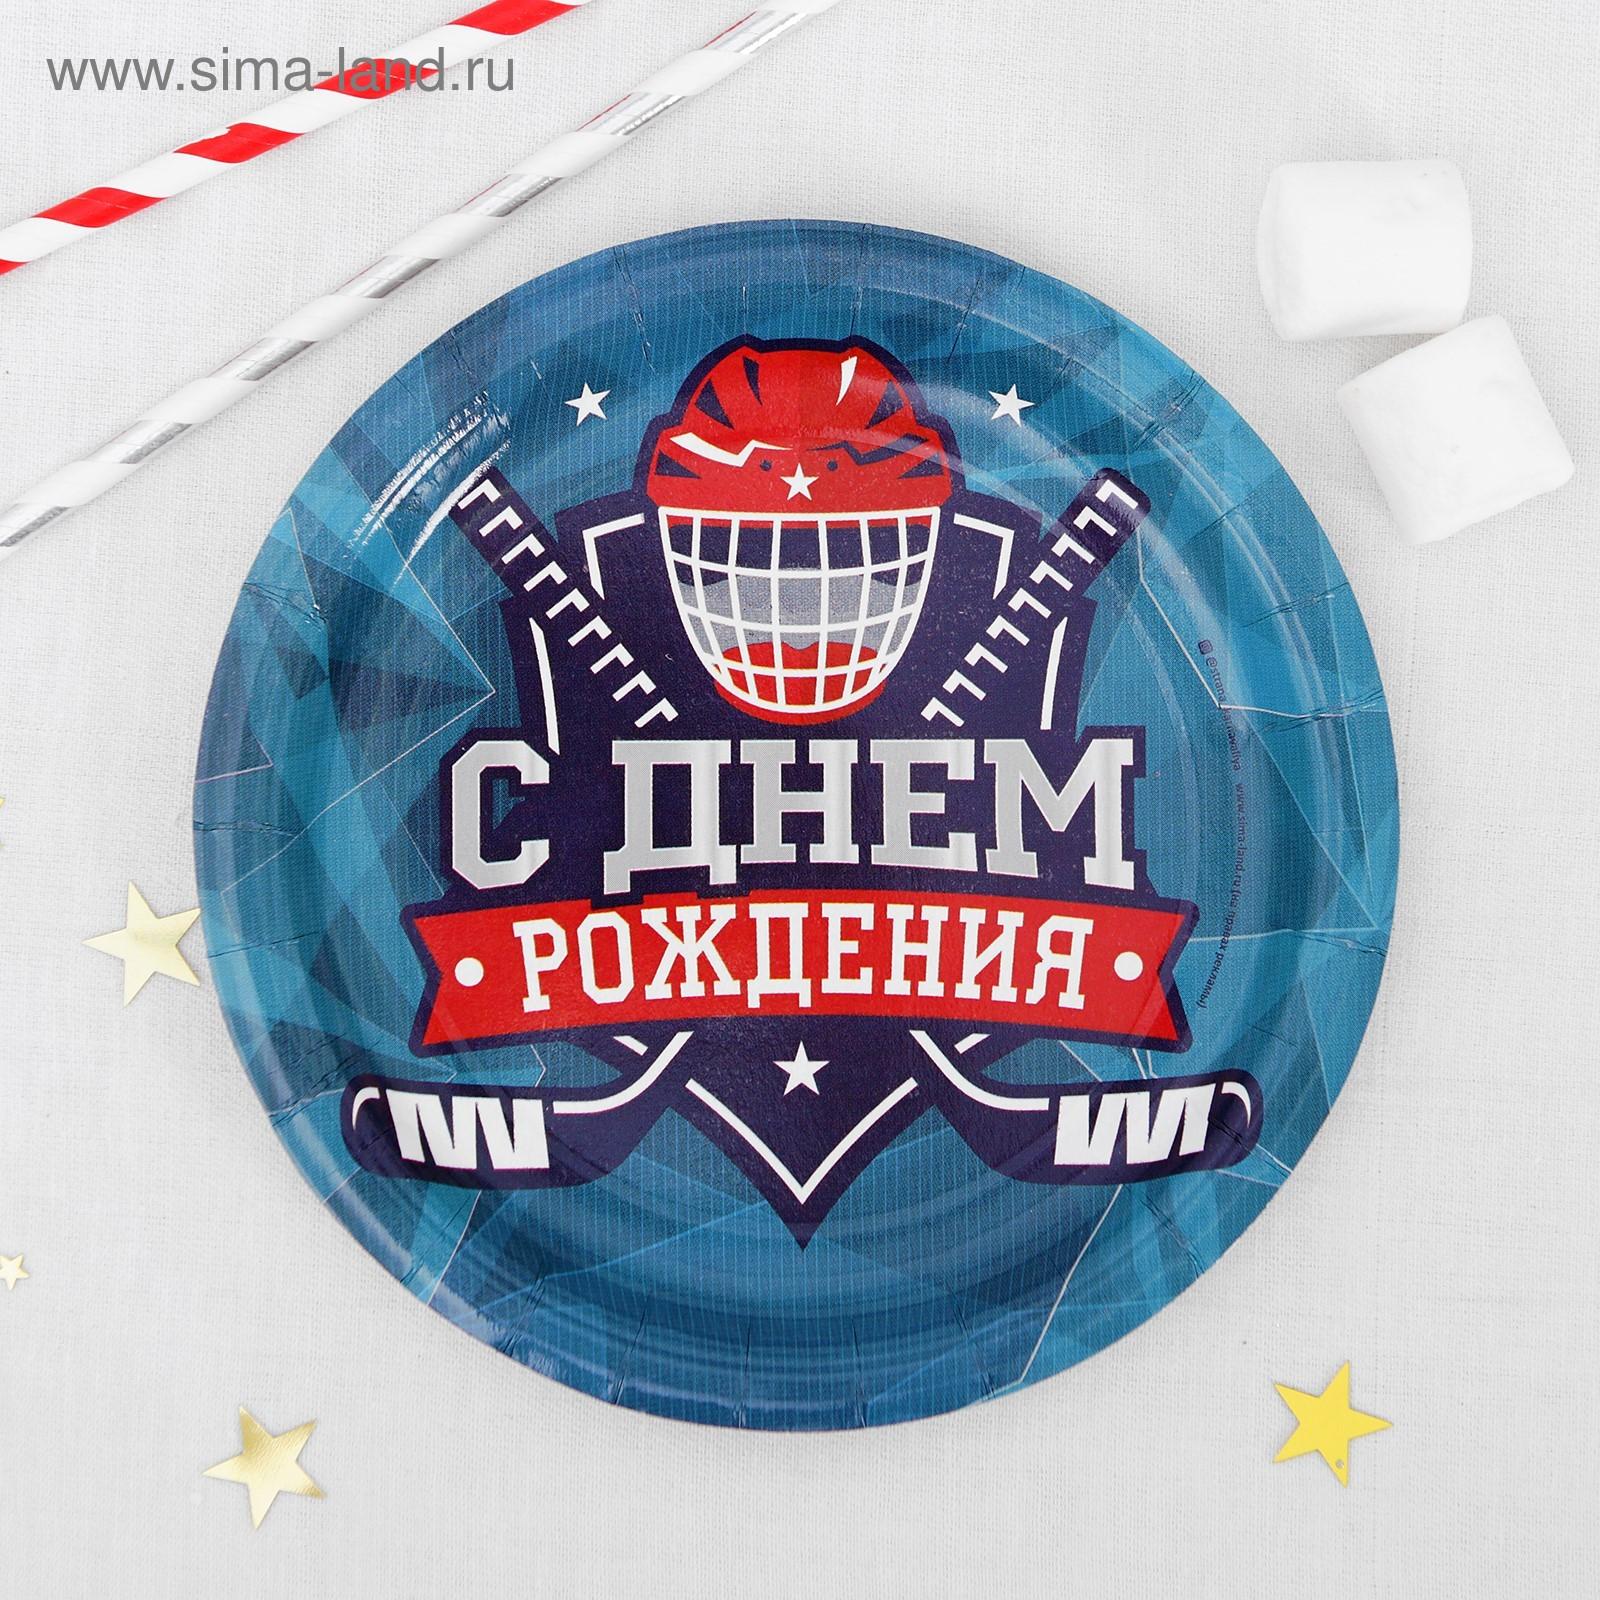 Горбачевой прикольный, с днем тренера картинки поздравления хоккей